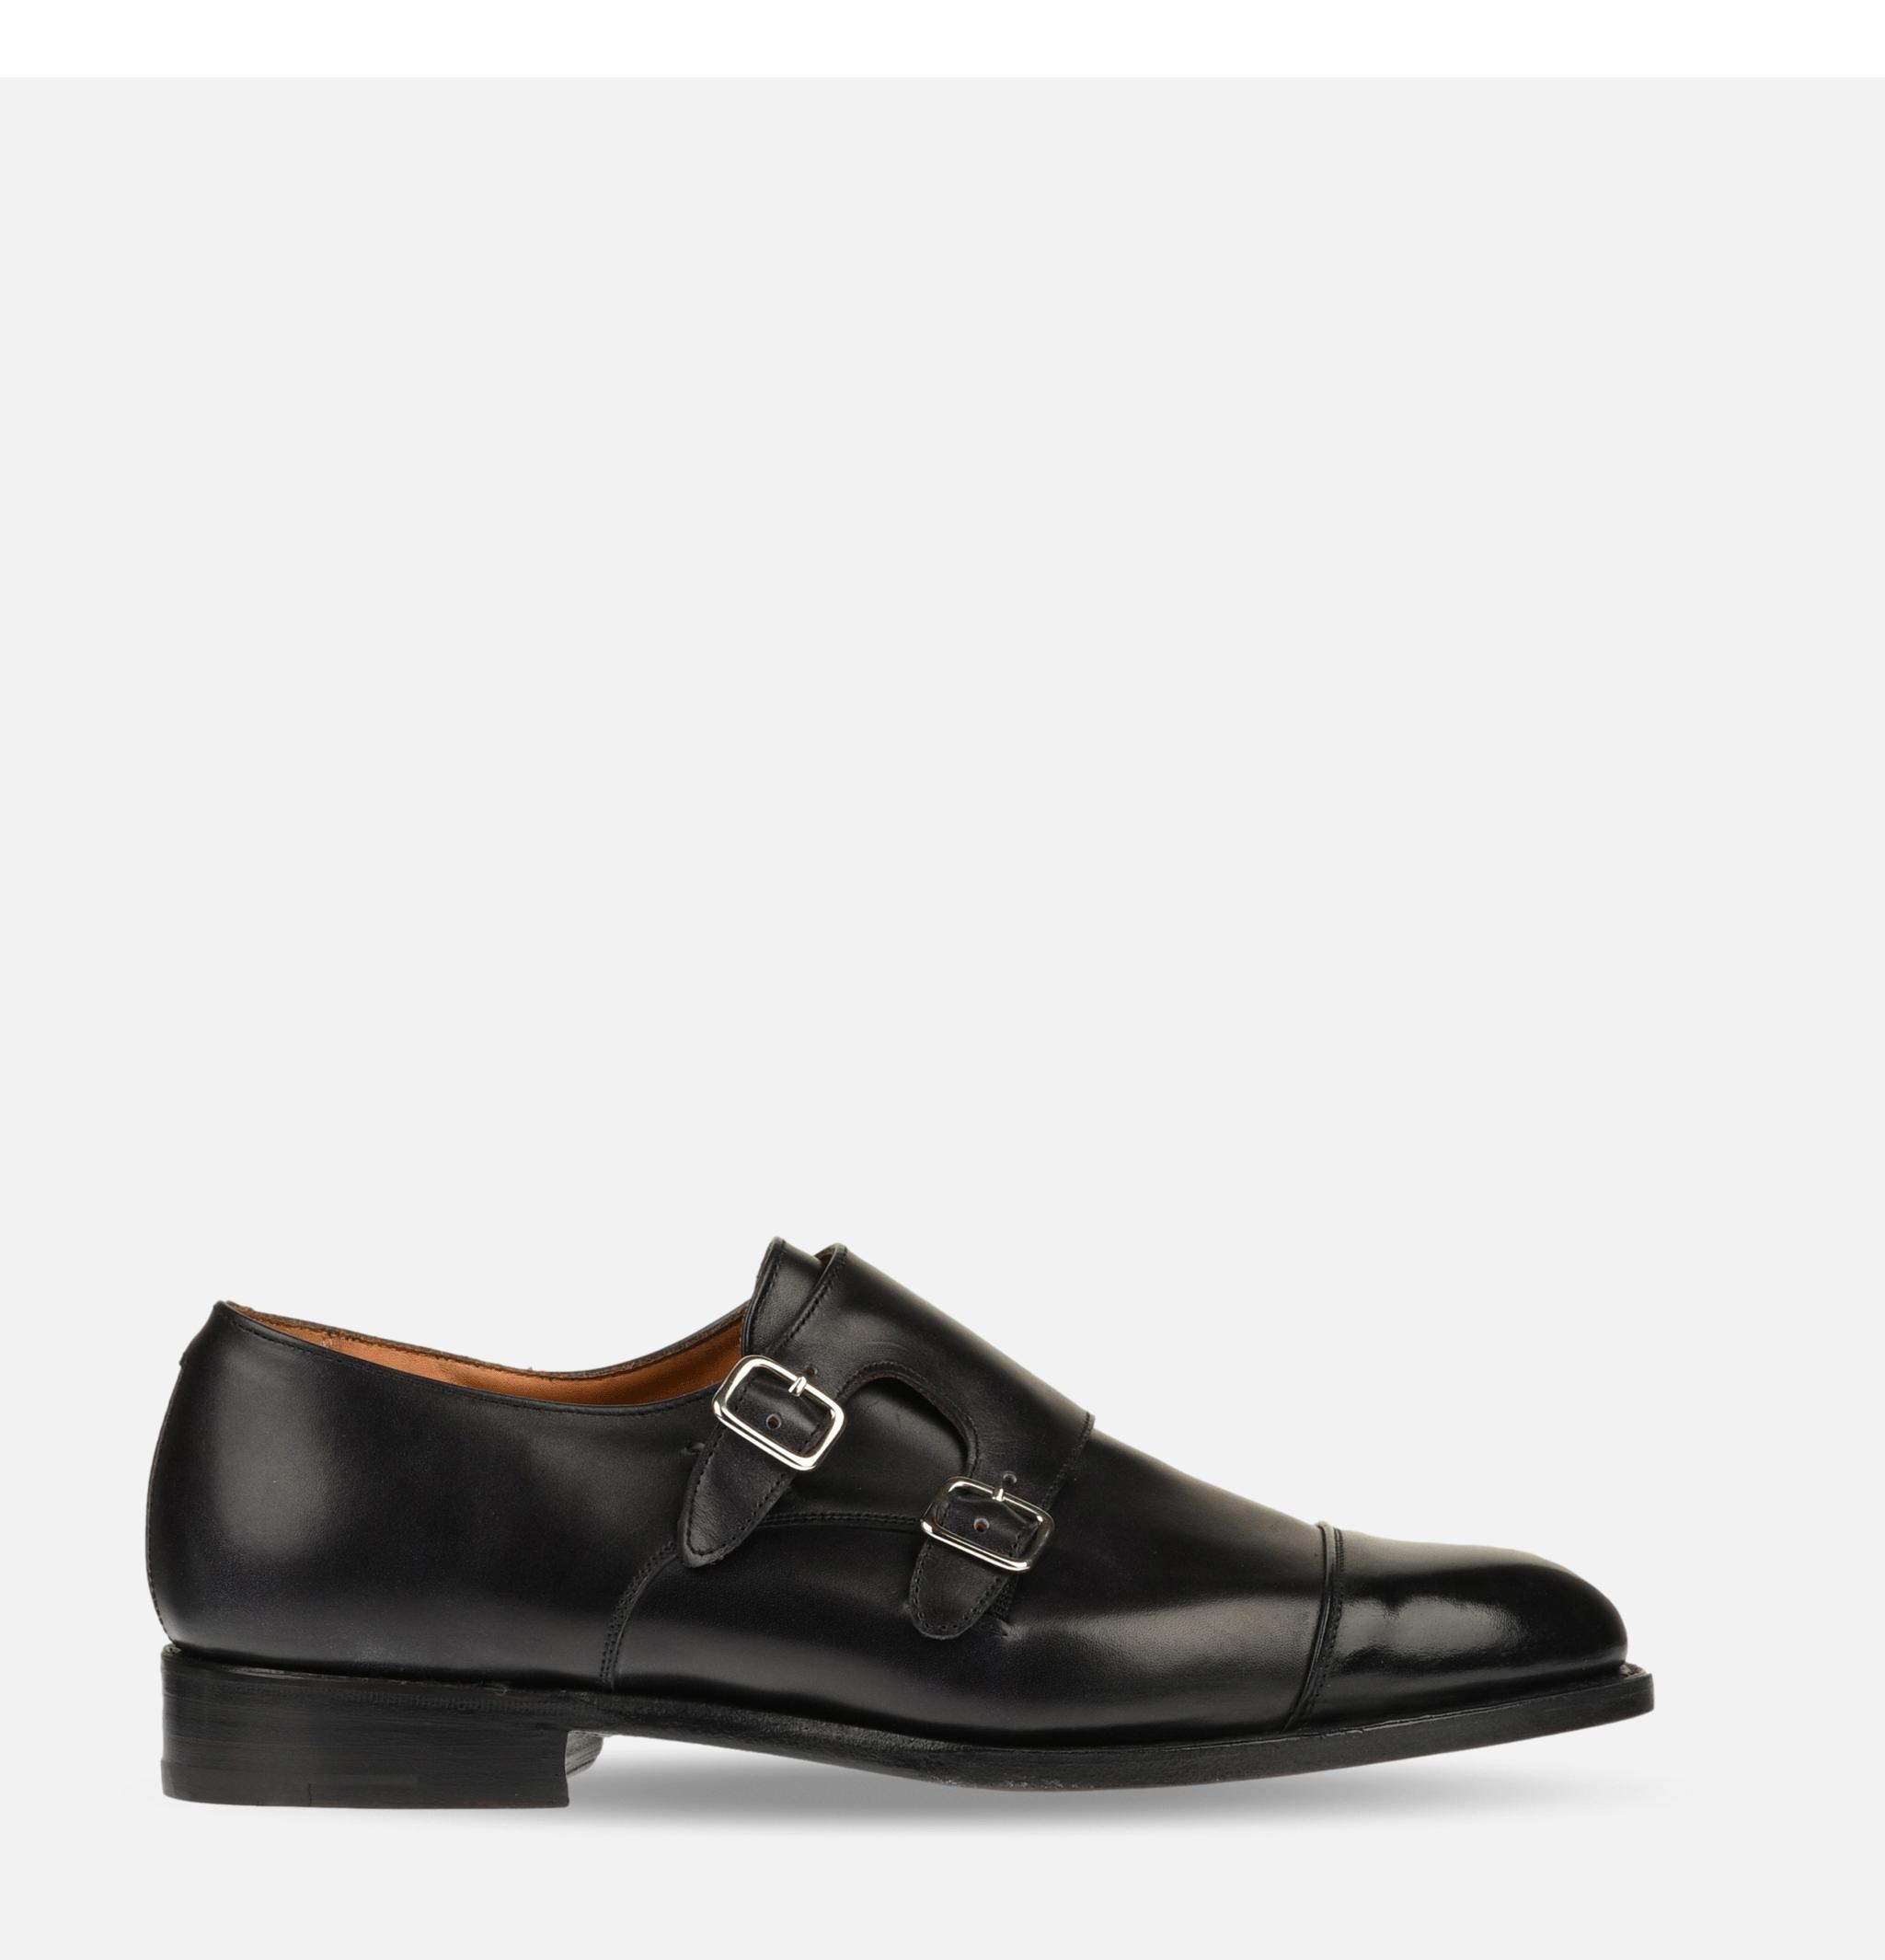 Chaussures Leavenworth Noir